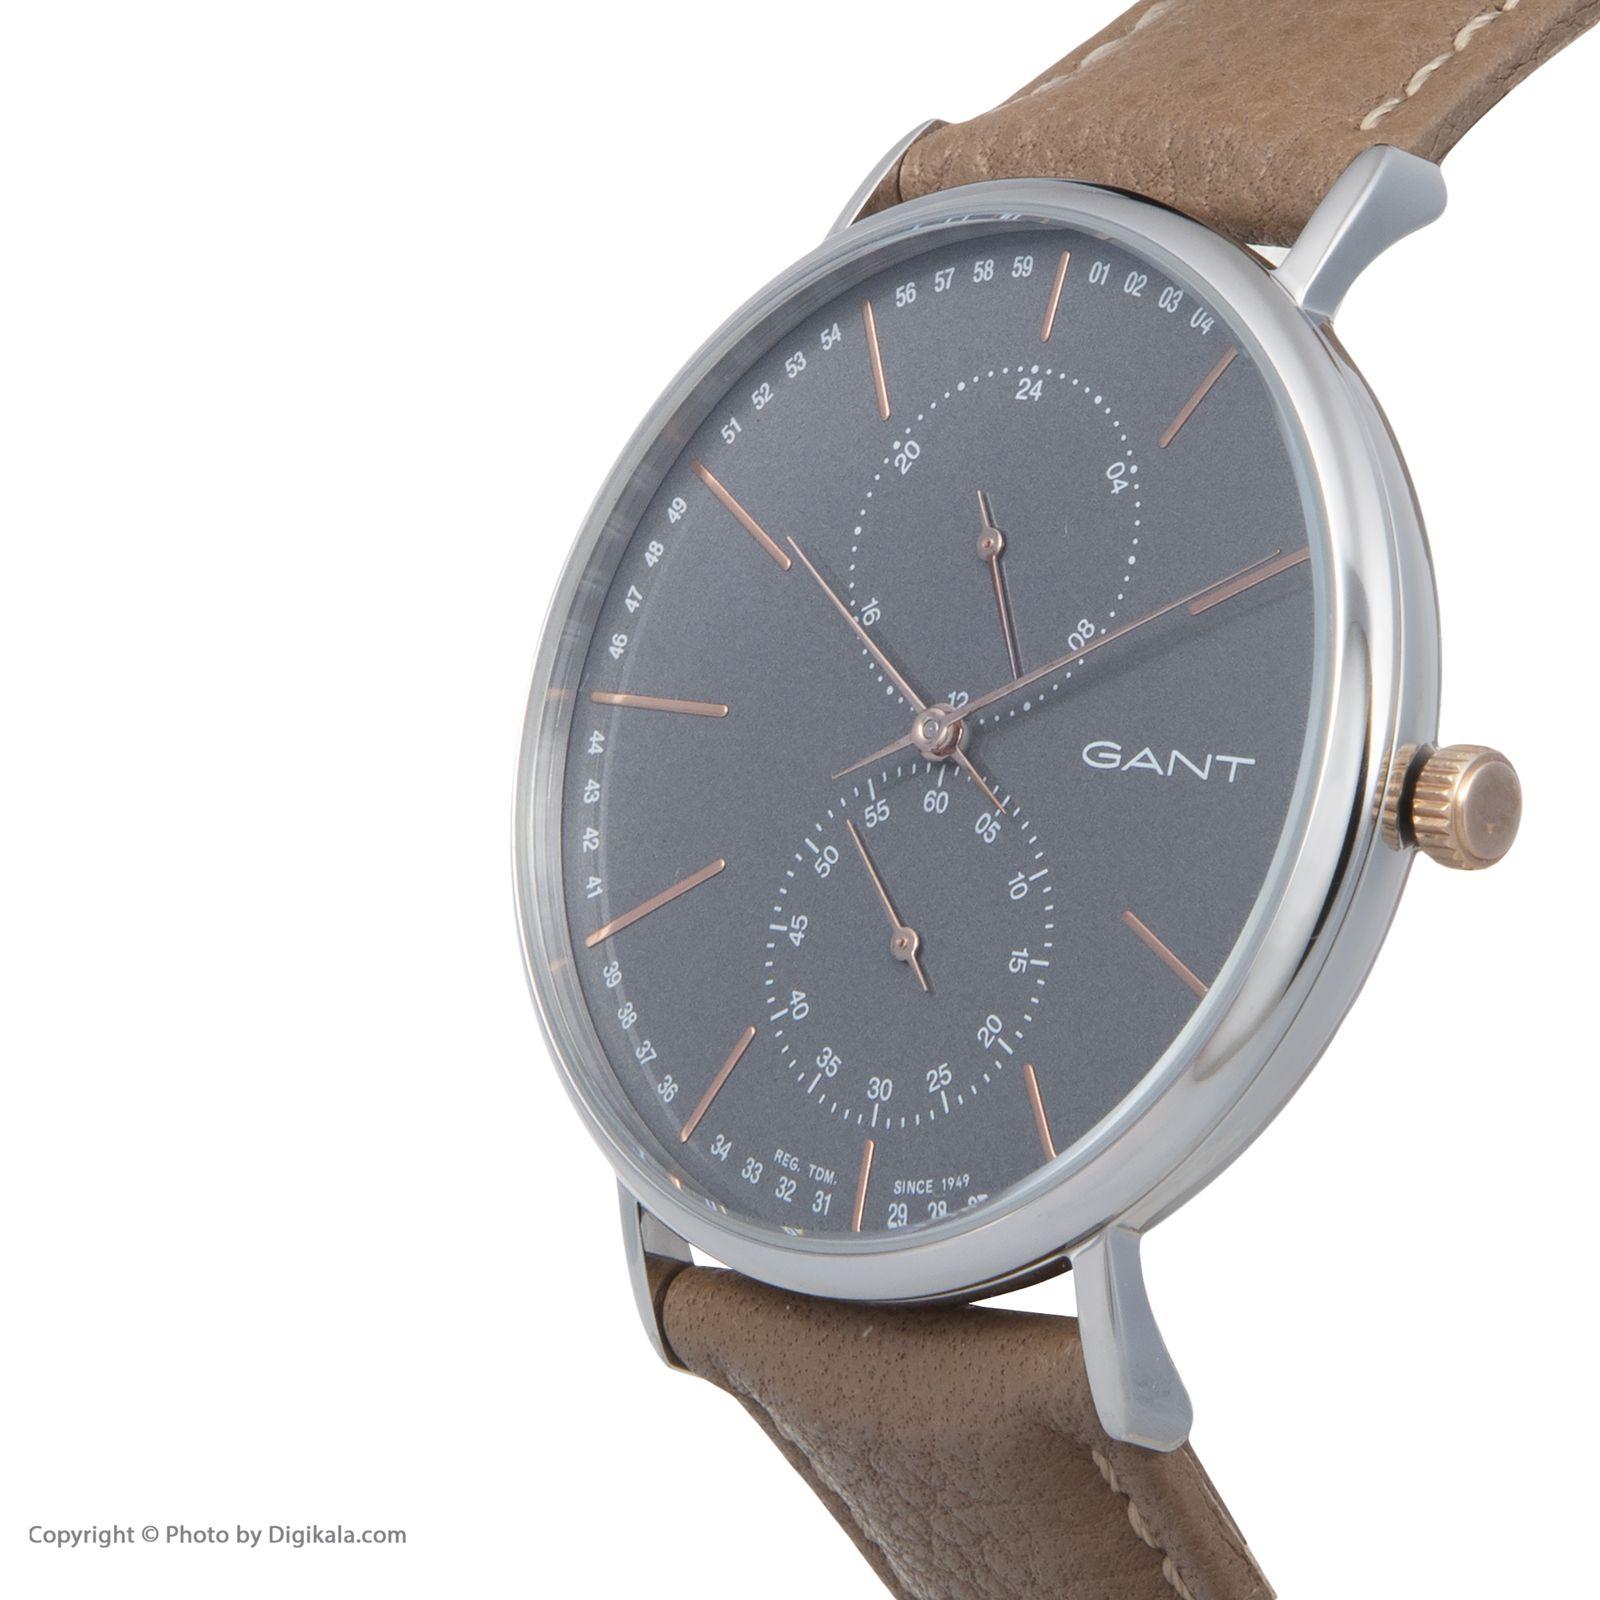 ساعت مچی عقربه ای مردانه گنت مدل GWW036009 -  - 5